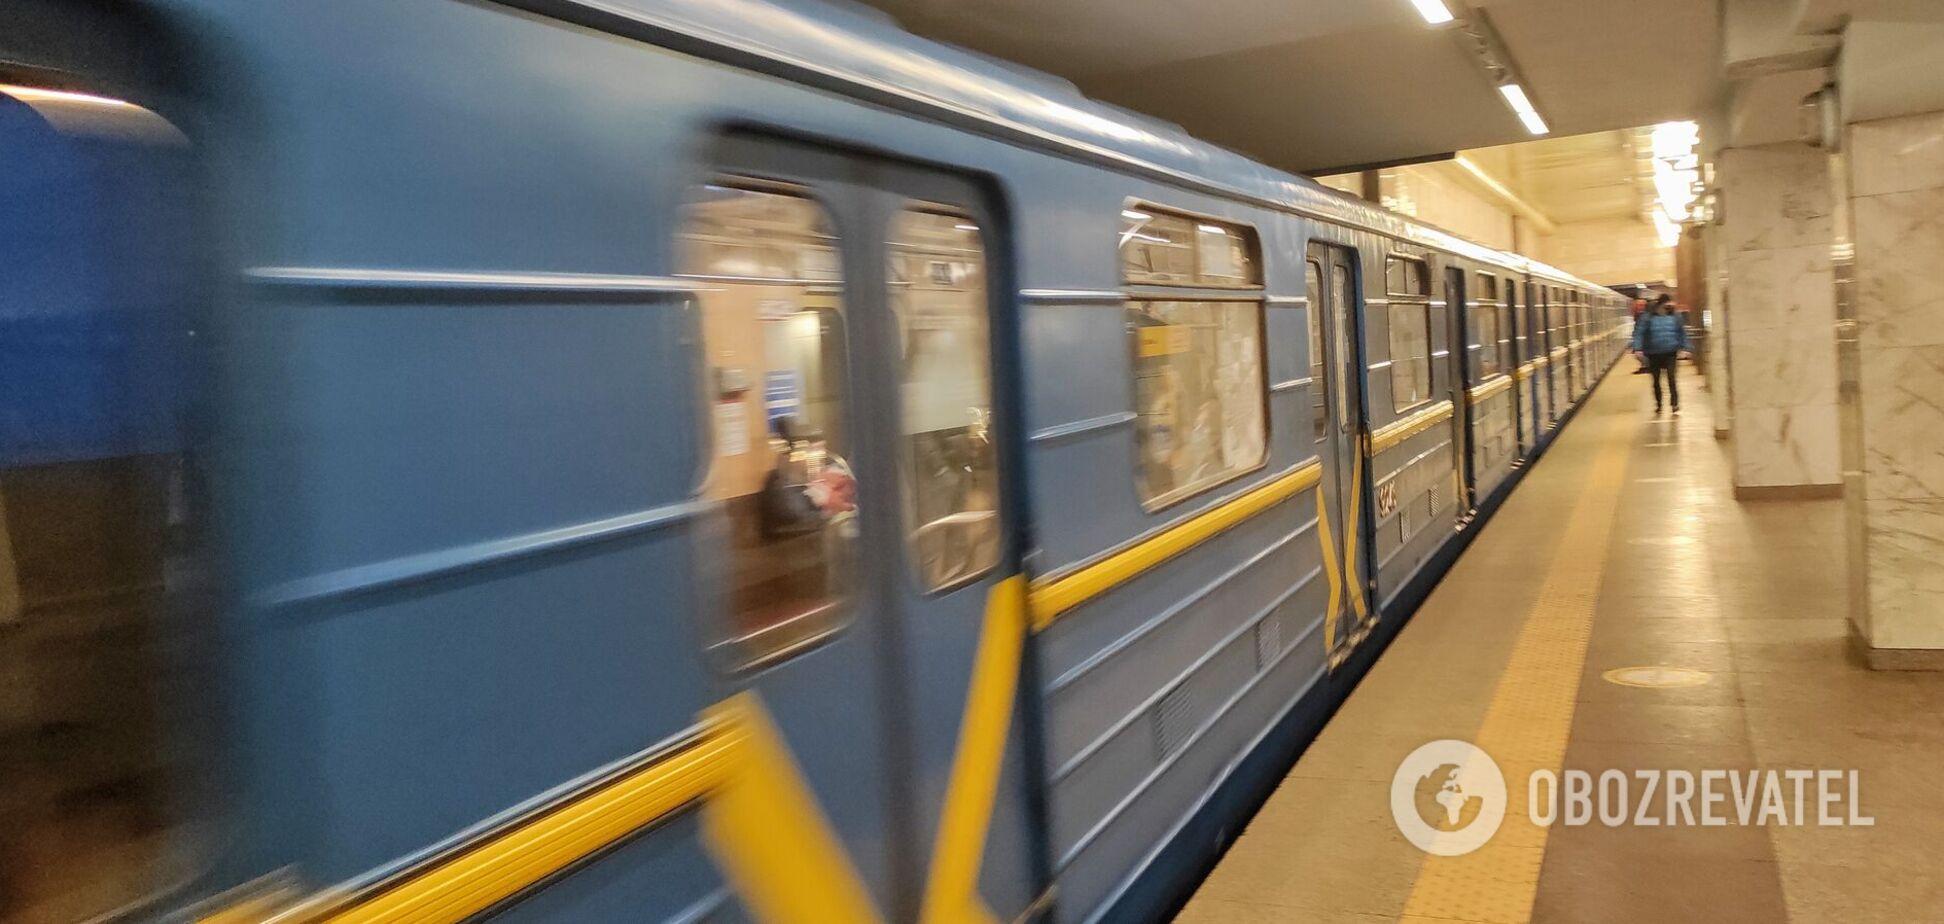 Количество пассажиров снизилось по сравнению с прошлым годом